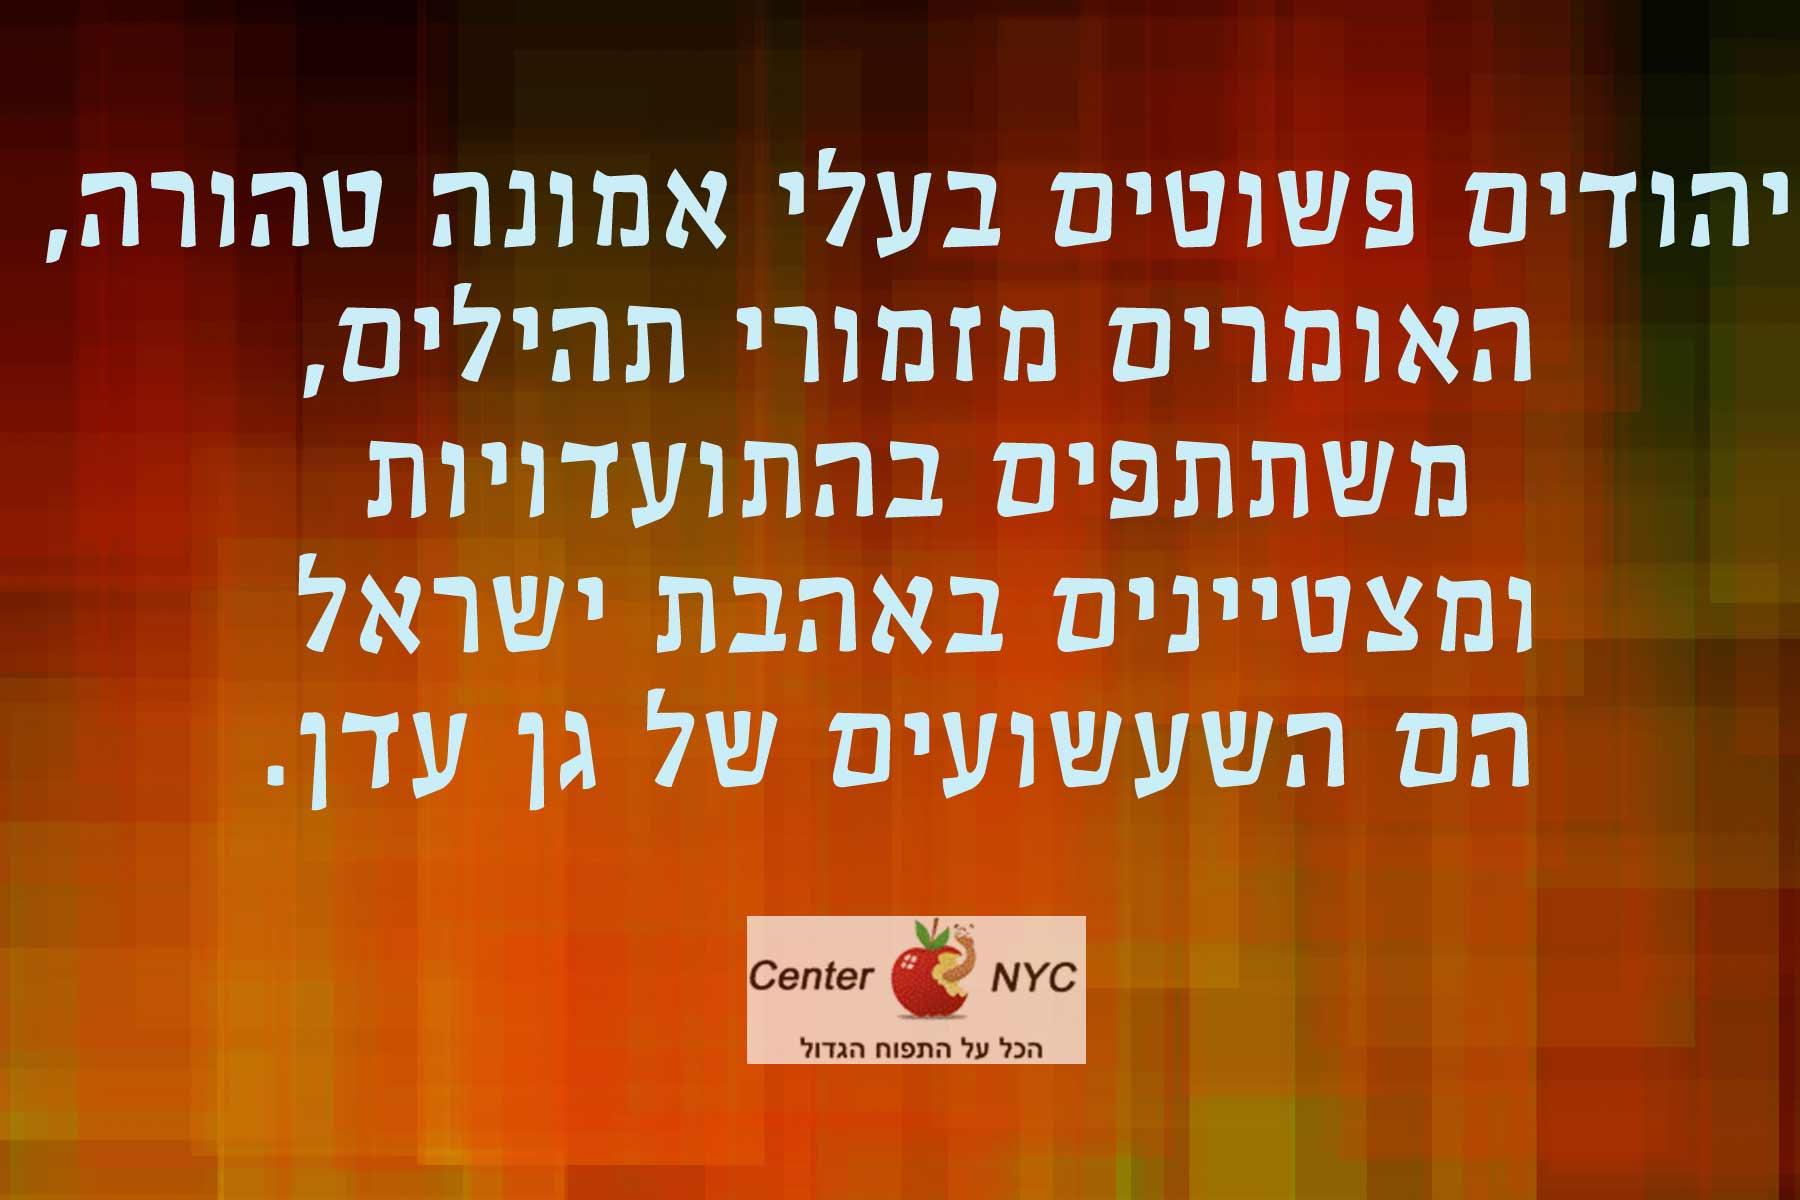 מי הוא יהודי פשוט